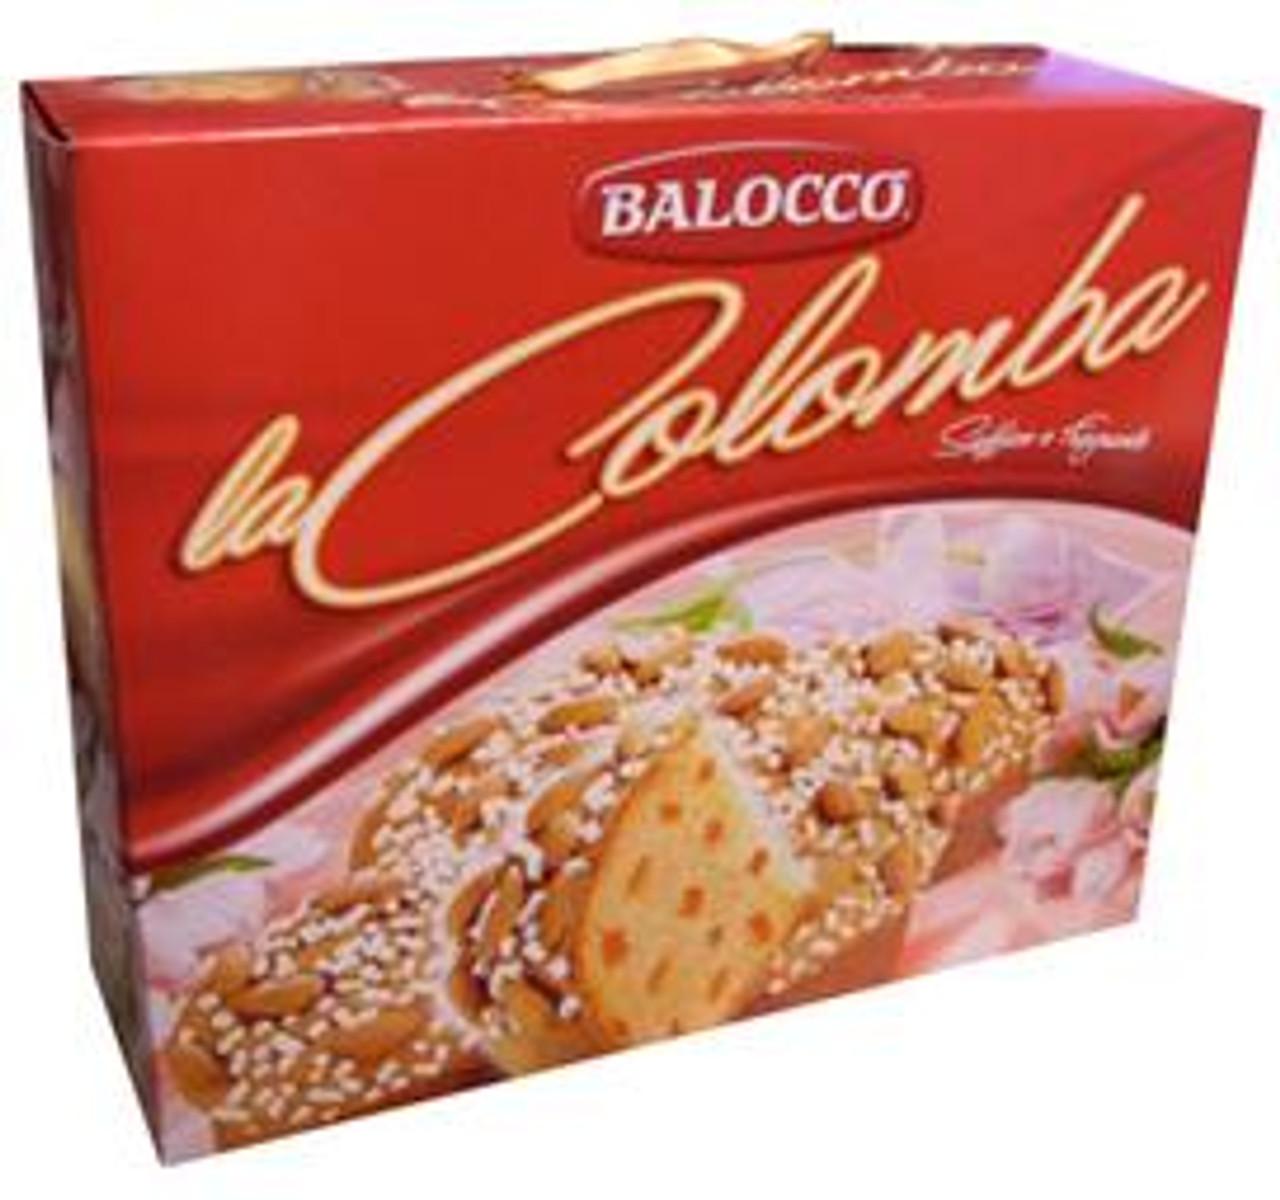 Balocco Colomba Classica